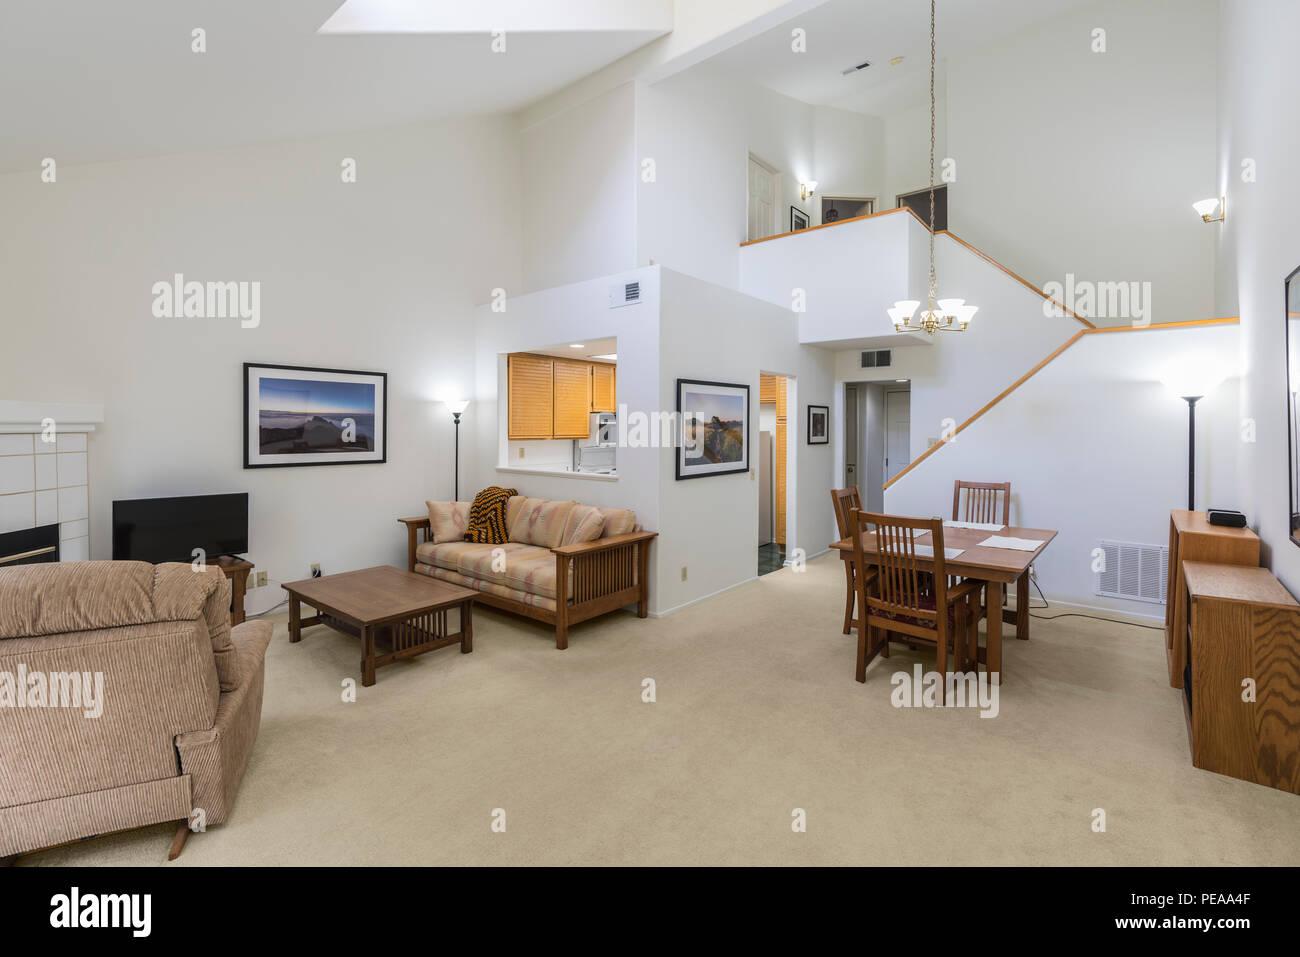 Hohe Decke Wohnung Wohnzimmer. Gerahmten Kunst ist die Fotografen arbeiten und ist in der Veröffentlichung enthalten. Stockbild